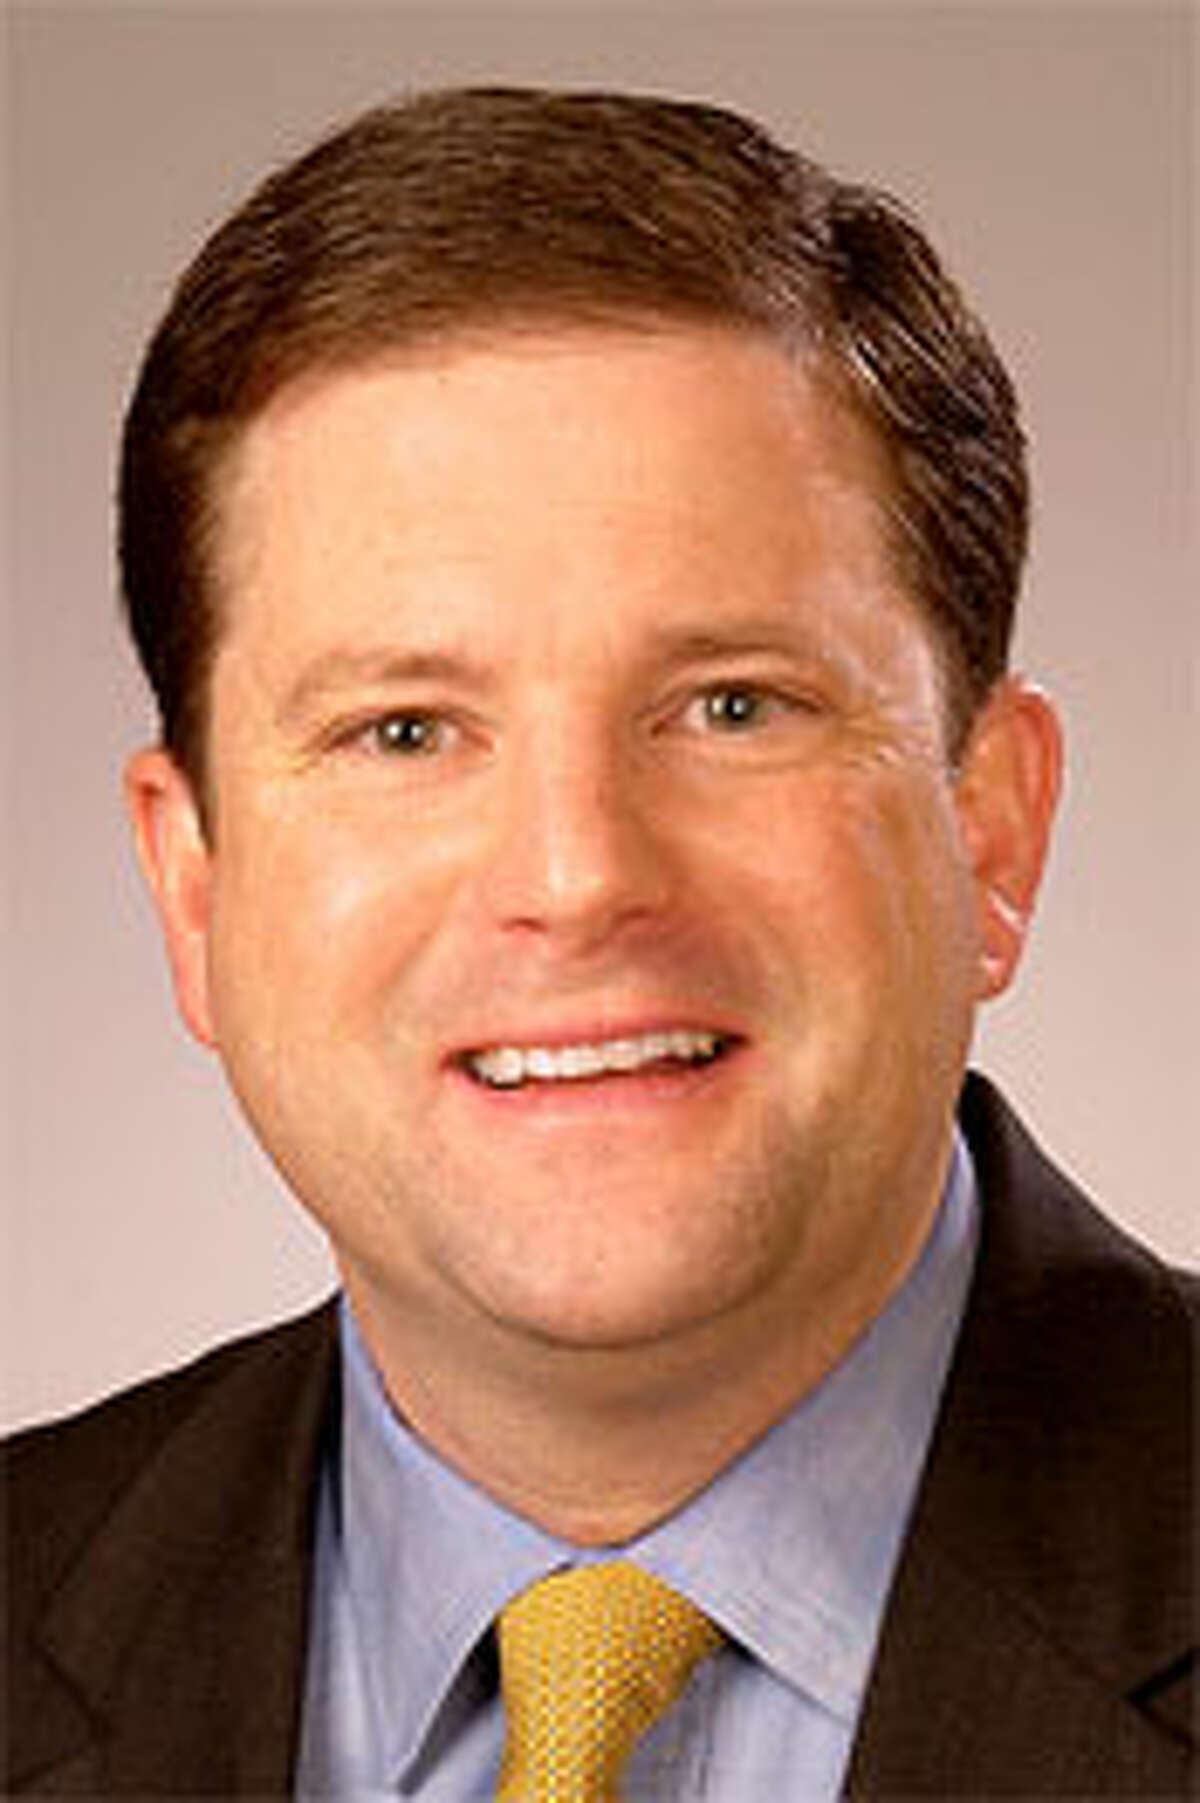 State Sen. John McKinney